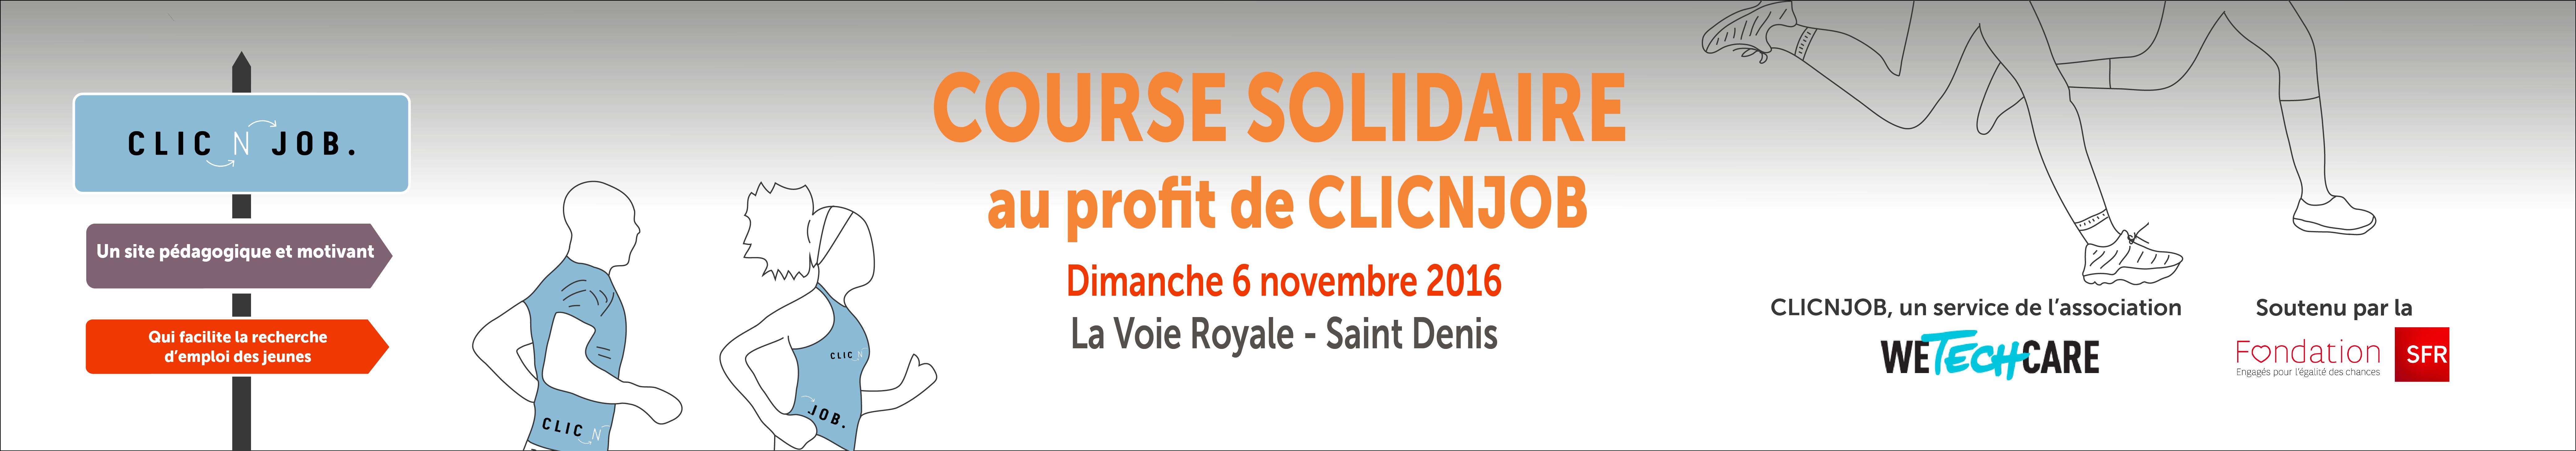 Soutenez-moi lors du semi-marathon Solidaire pour CLICNJOB ! - WeTechCare